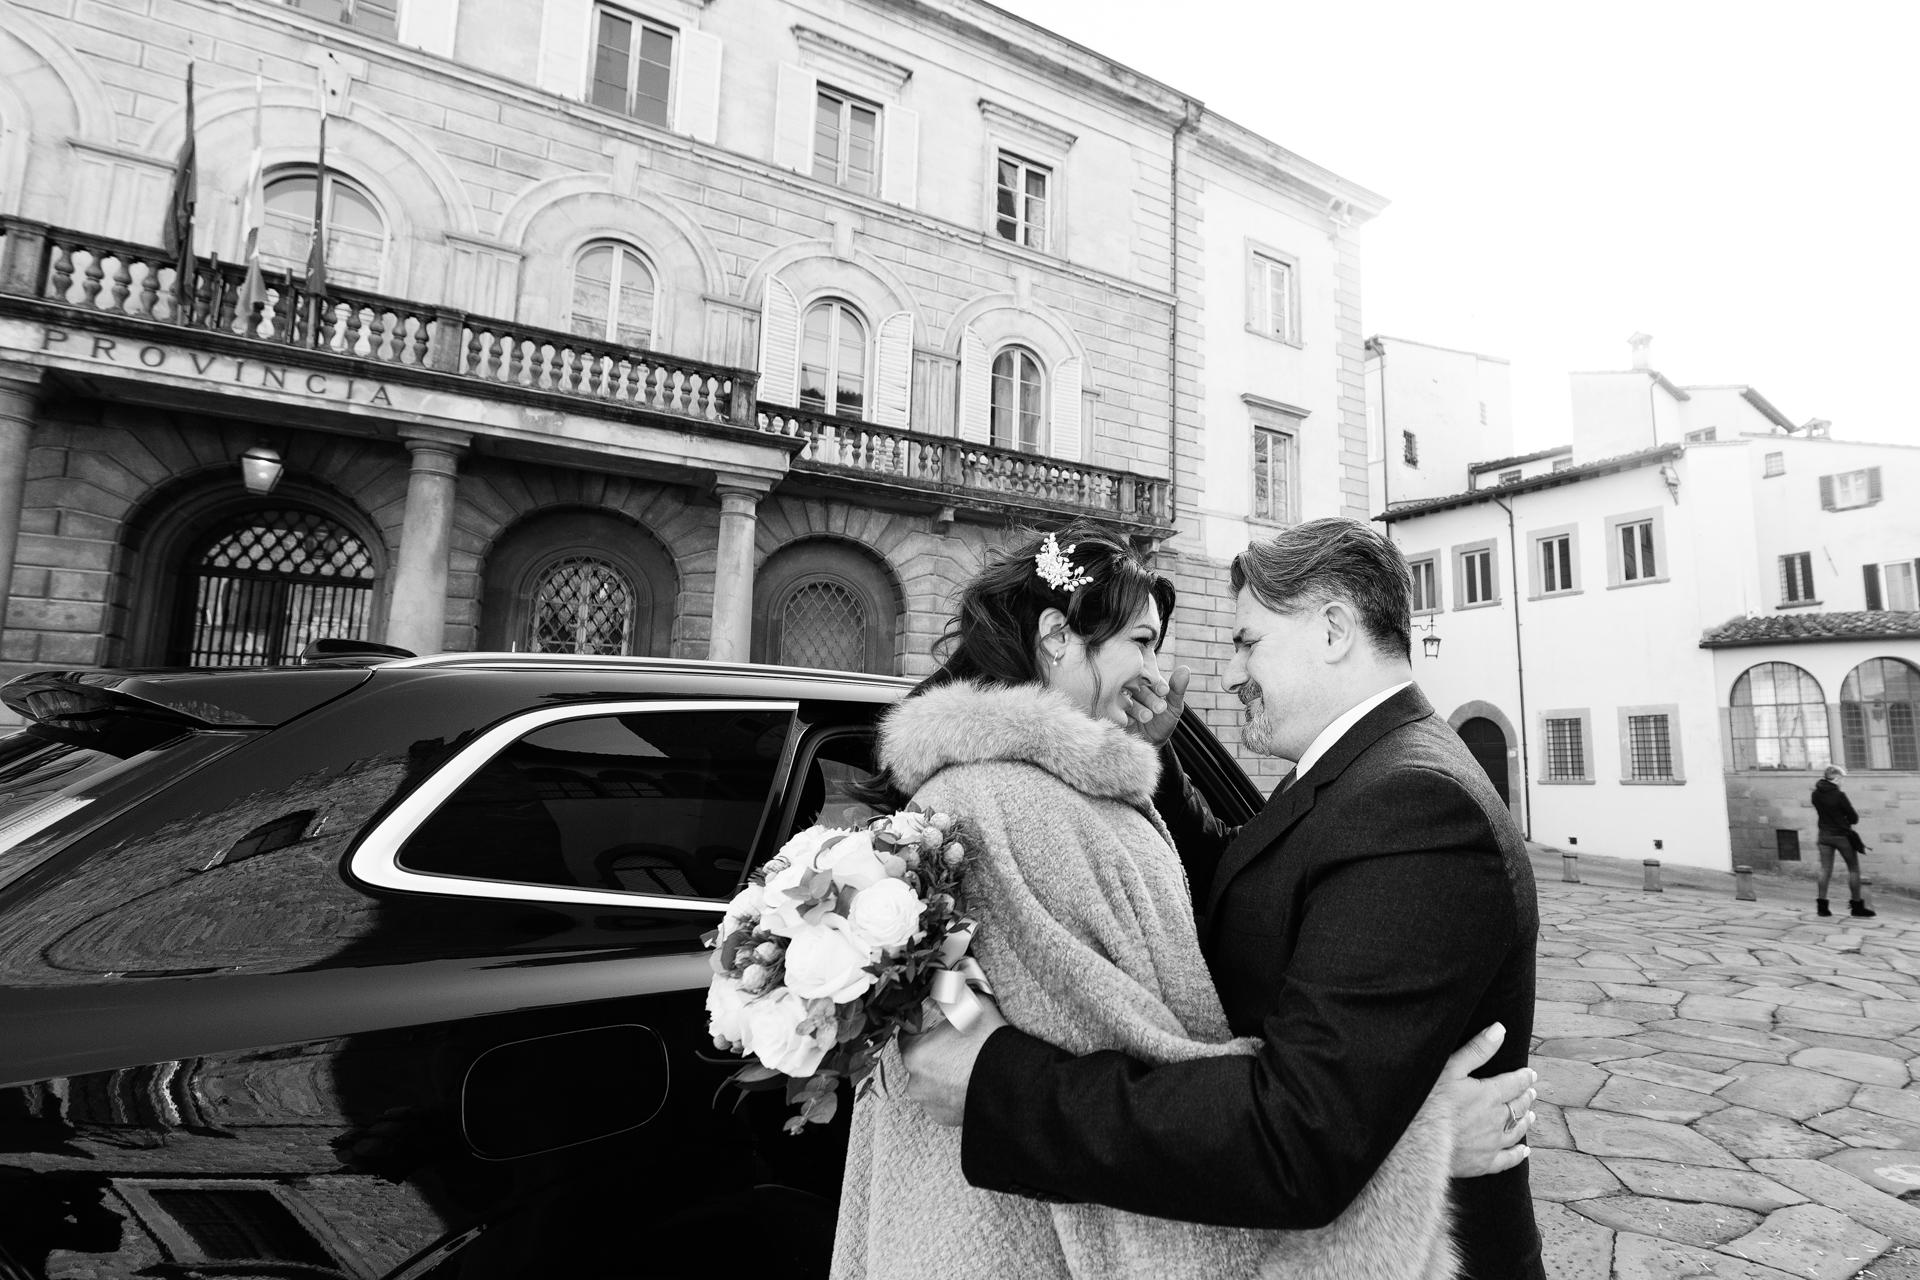 Ayuntamiento, Arezzo, Italia Fotografía de bodas en BW | El novio acaricia tiernamente el rostro de su novia